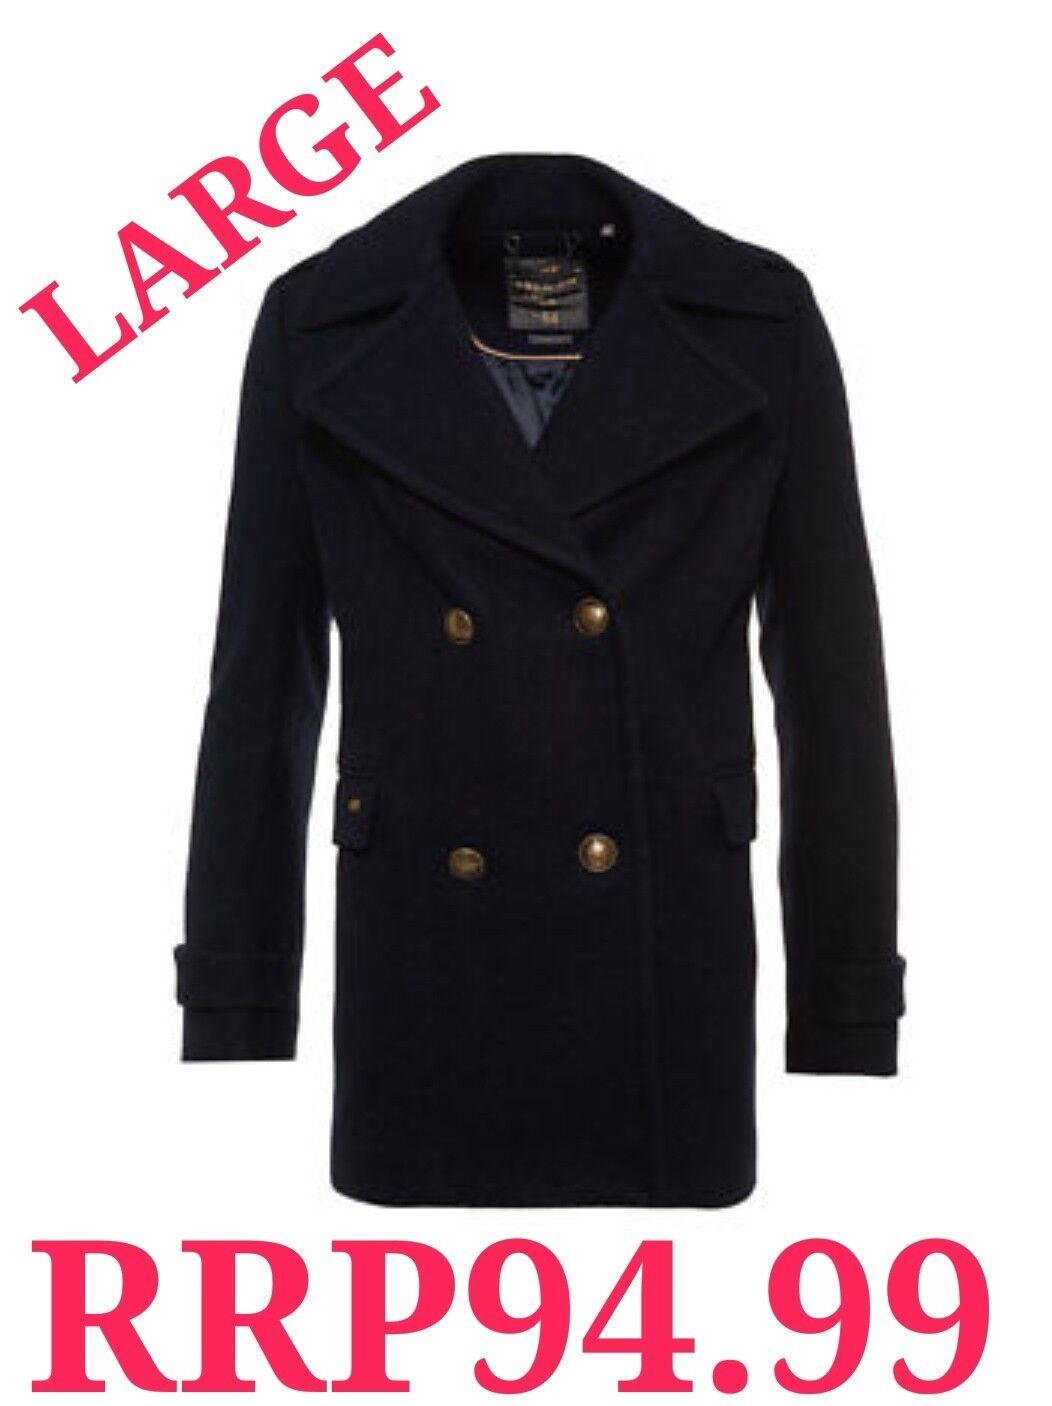 Nuevo PVP .99 Gran  Tamaño 14 Classic Pea abrigo de invierno para mujer de súperdry Azul marino BNWT  genuina alta calidad